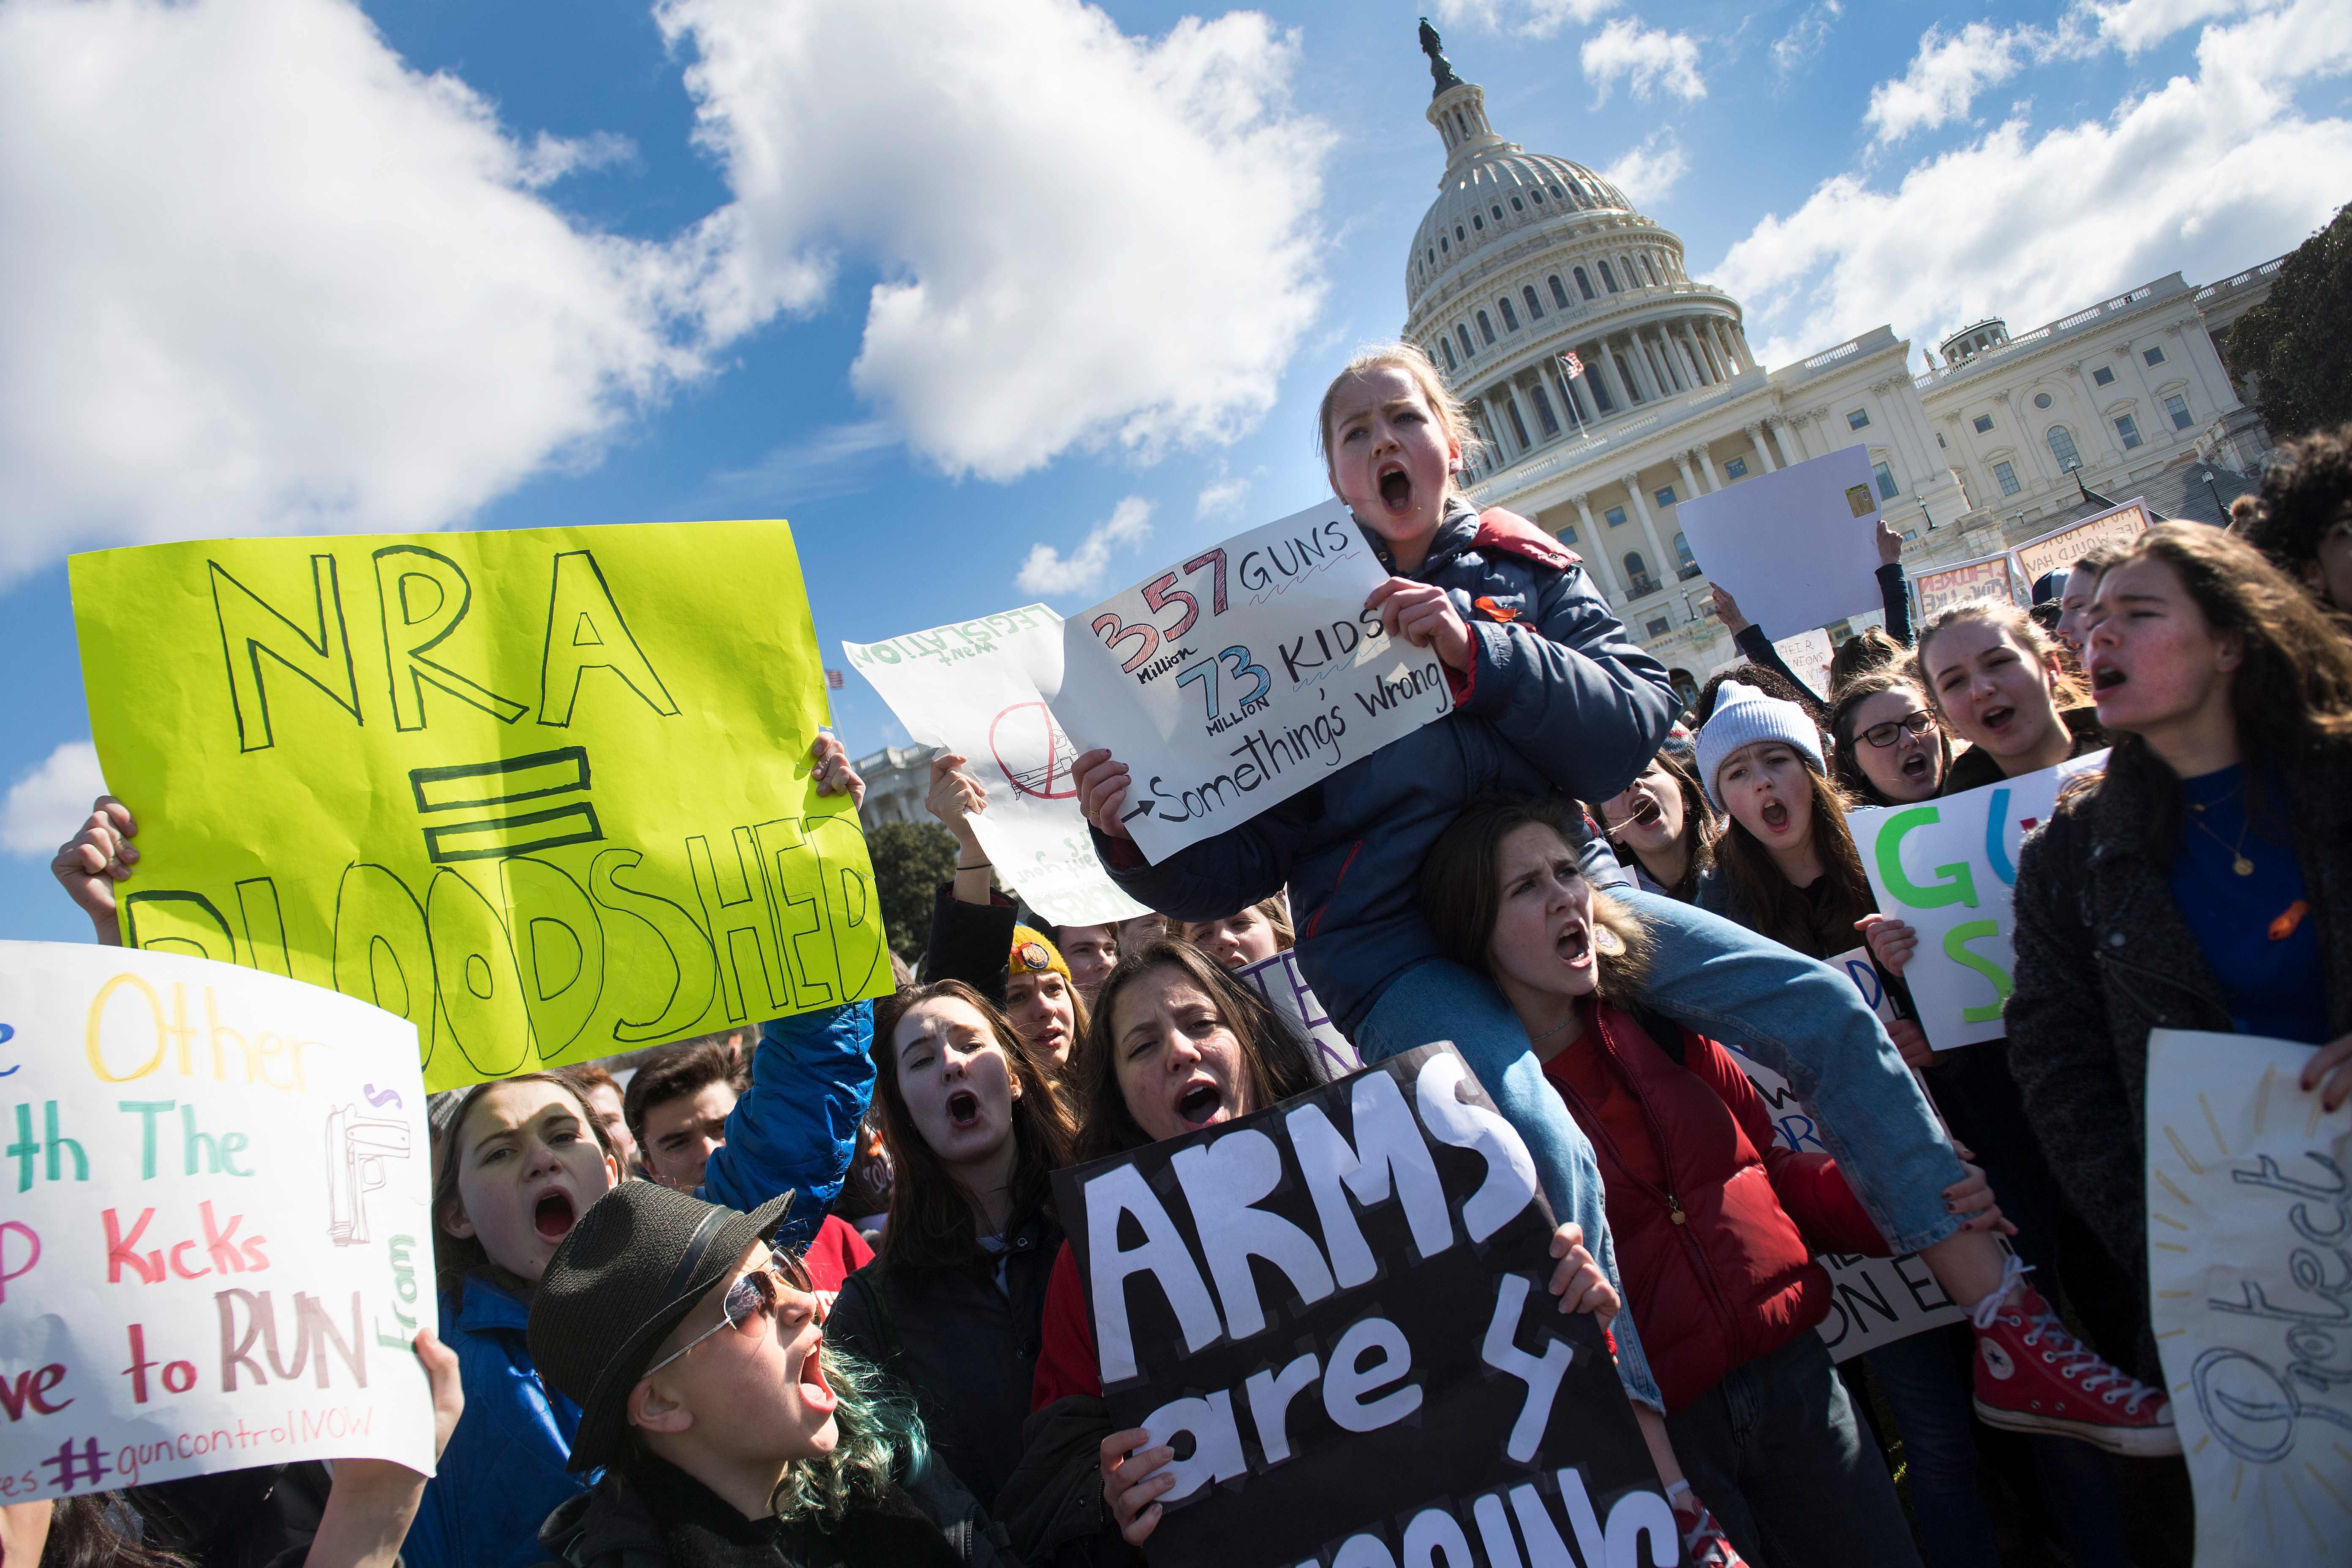 تظاهرات أمام البيت الأبيض